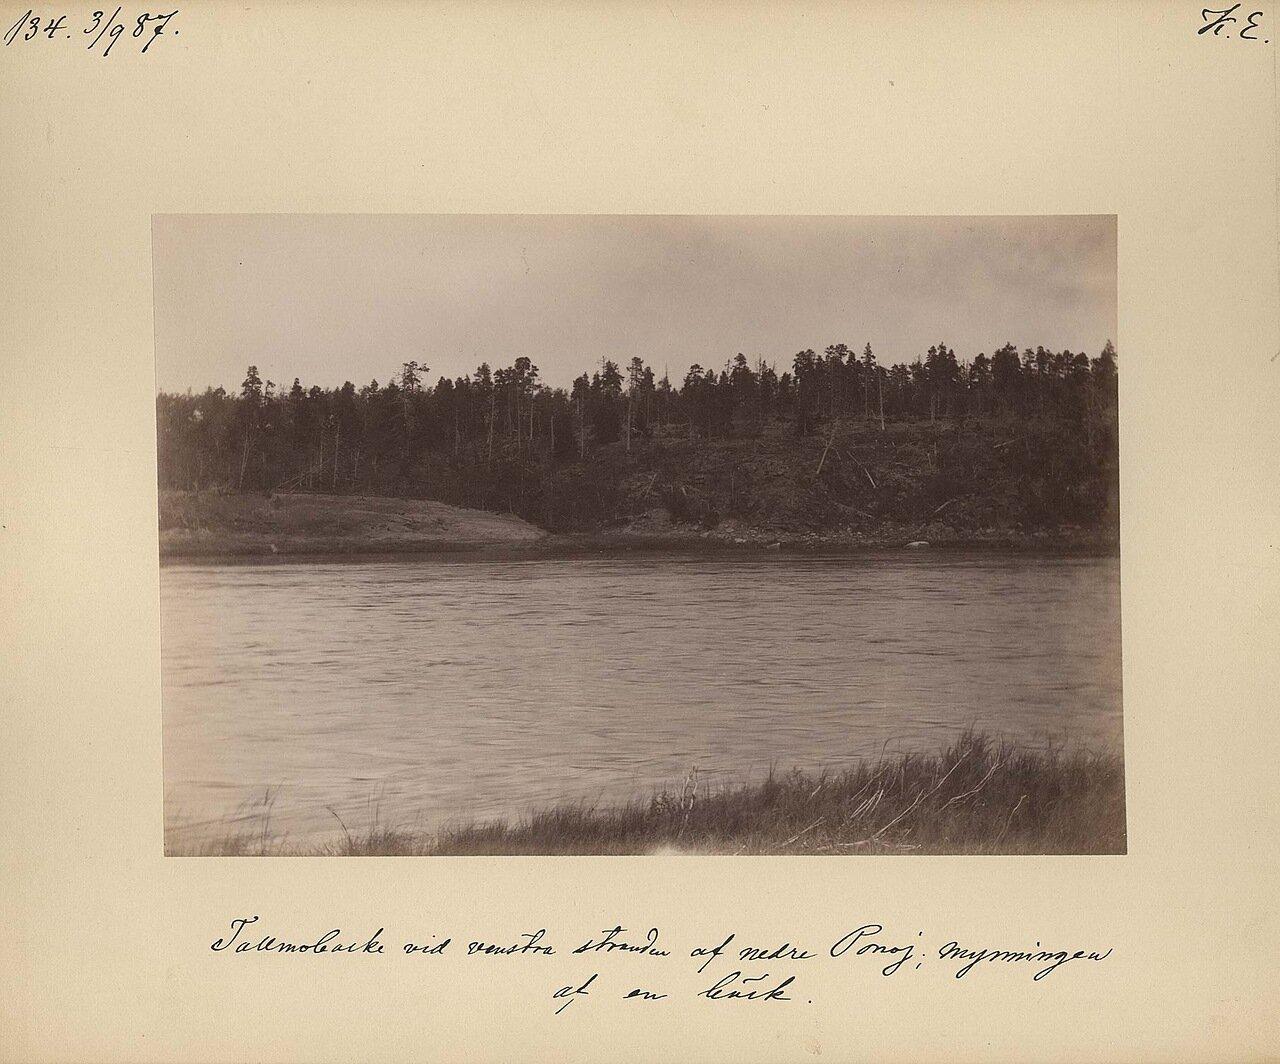 3.9.1887, в середине дня. Река Поной в районе Троице–Сергиева монастыря